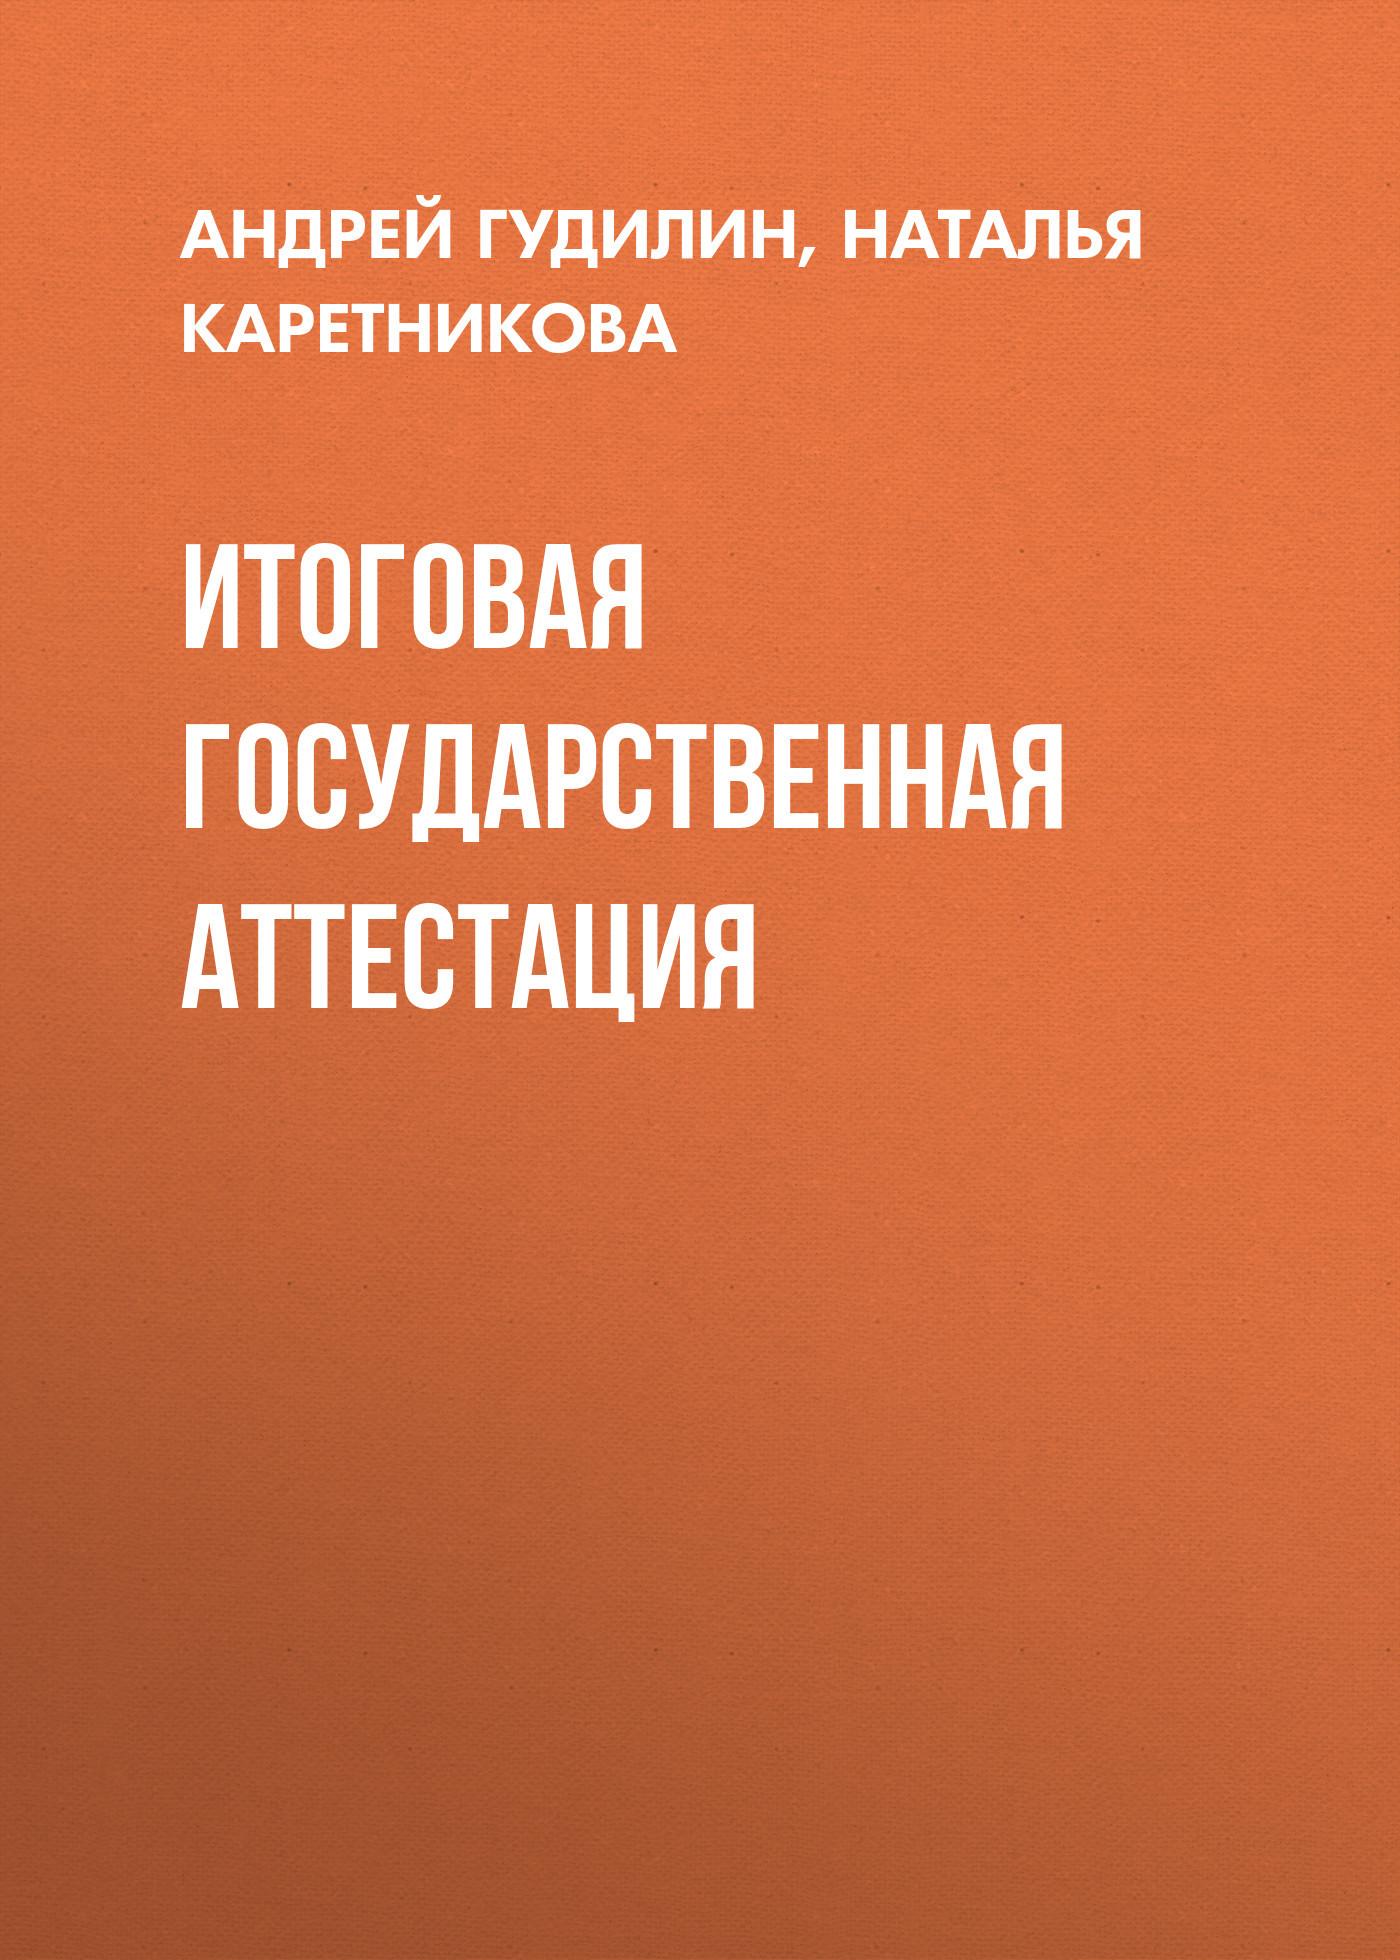 Андрей Гудилин. Итоговая государственная аттестация